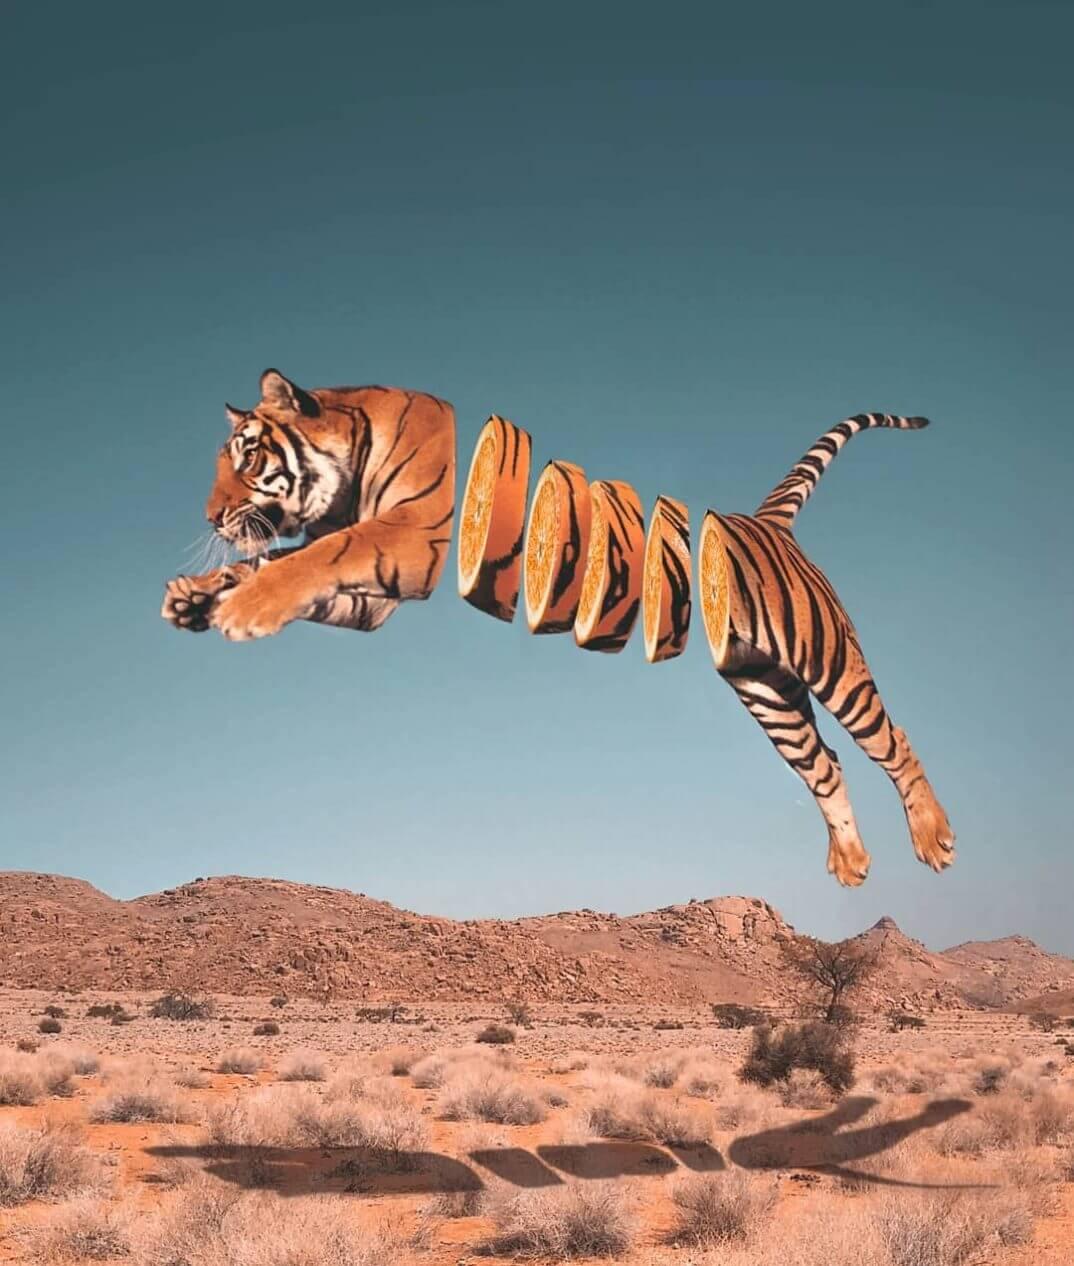 tigre naranja Ronald Ong